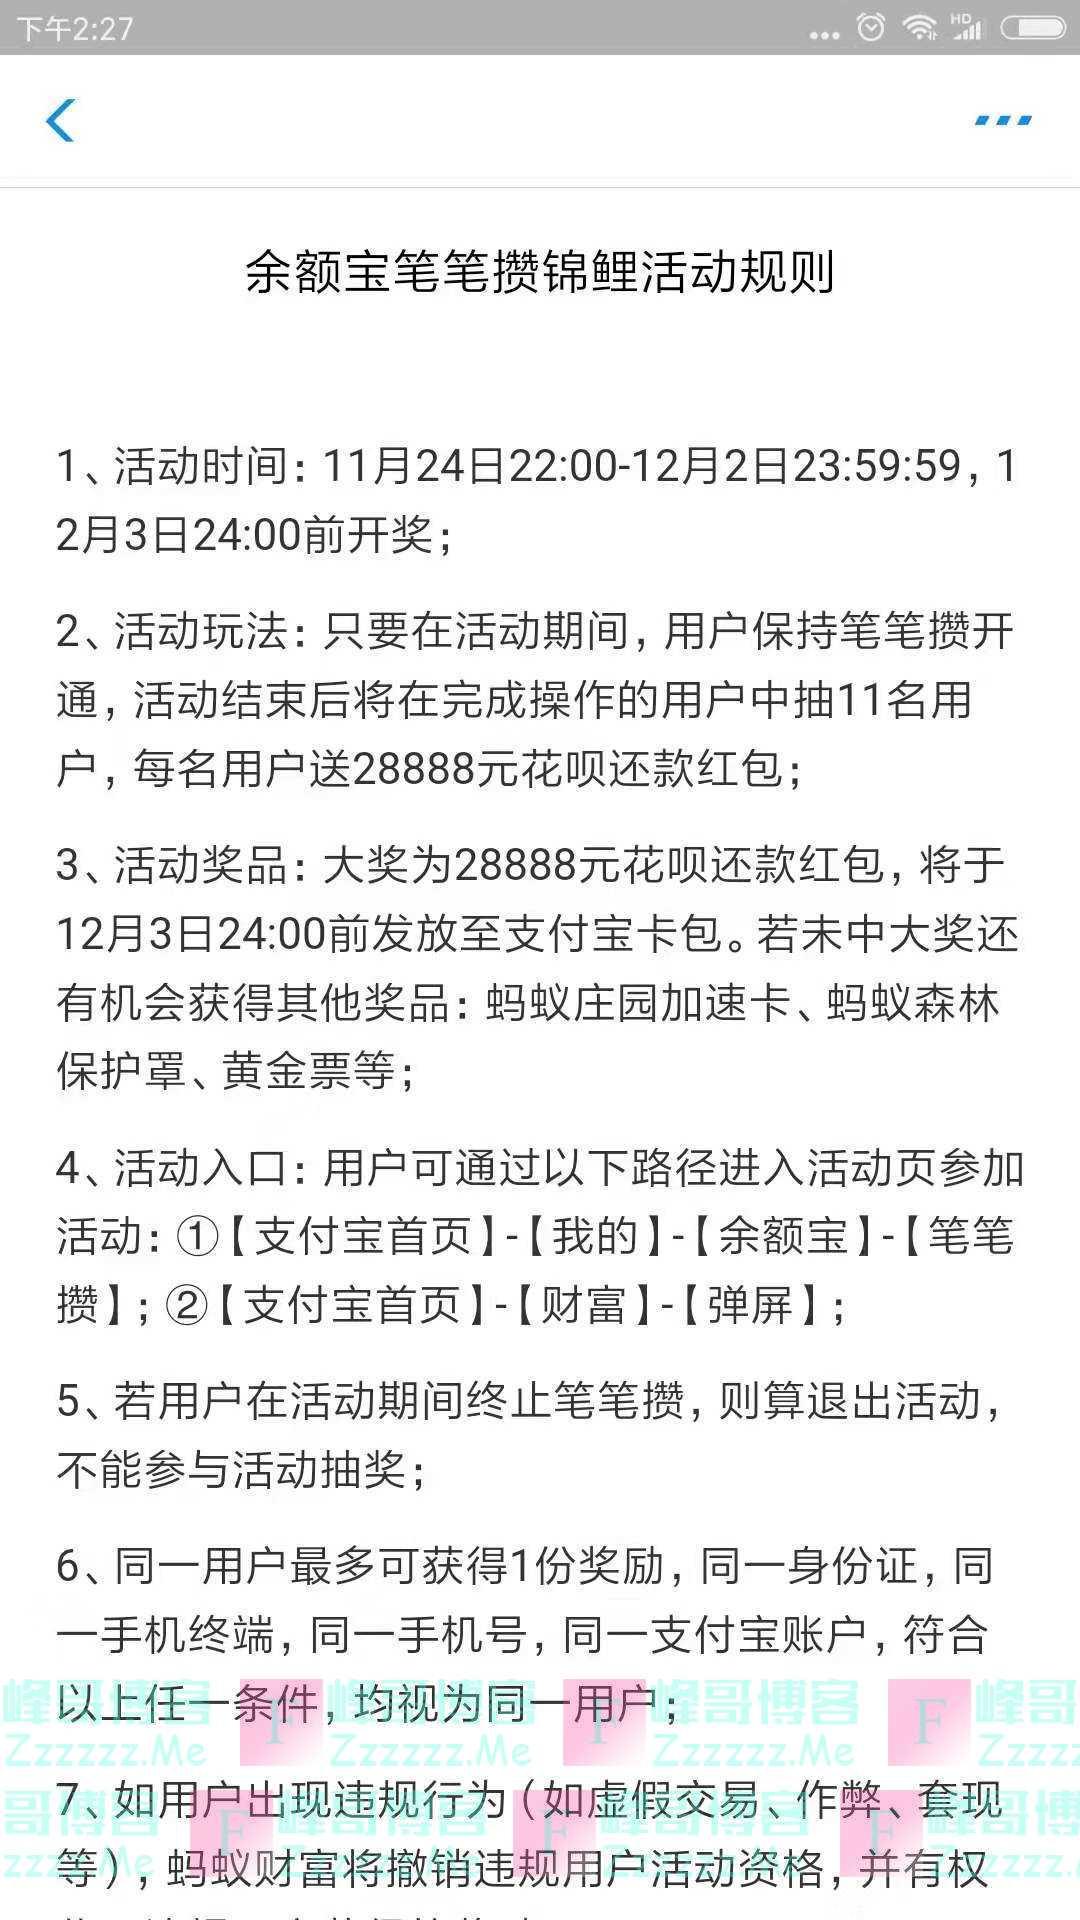 支付宝余额宝笔笔攒锦鲤活动(截止12月2日)